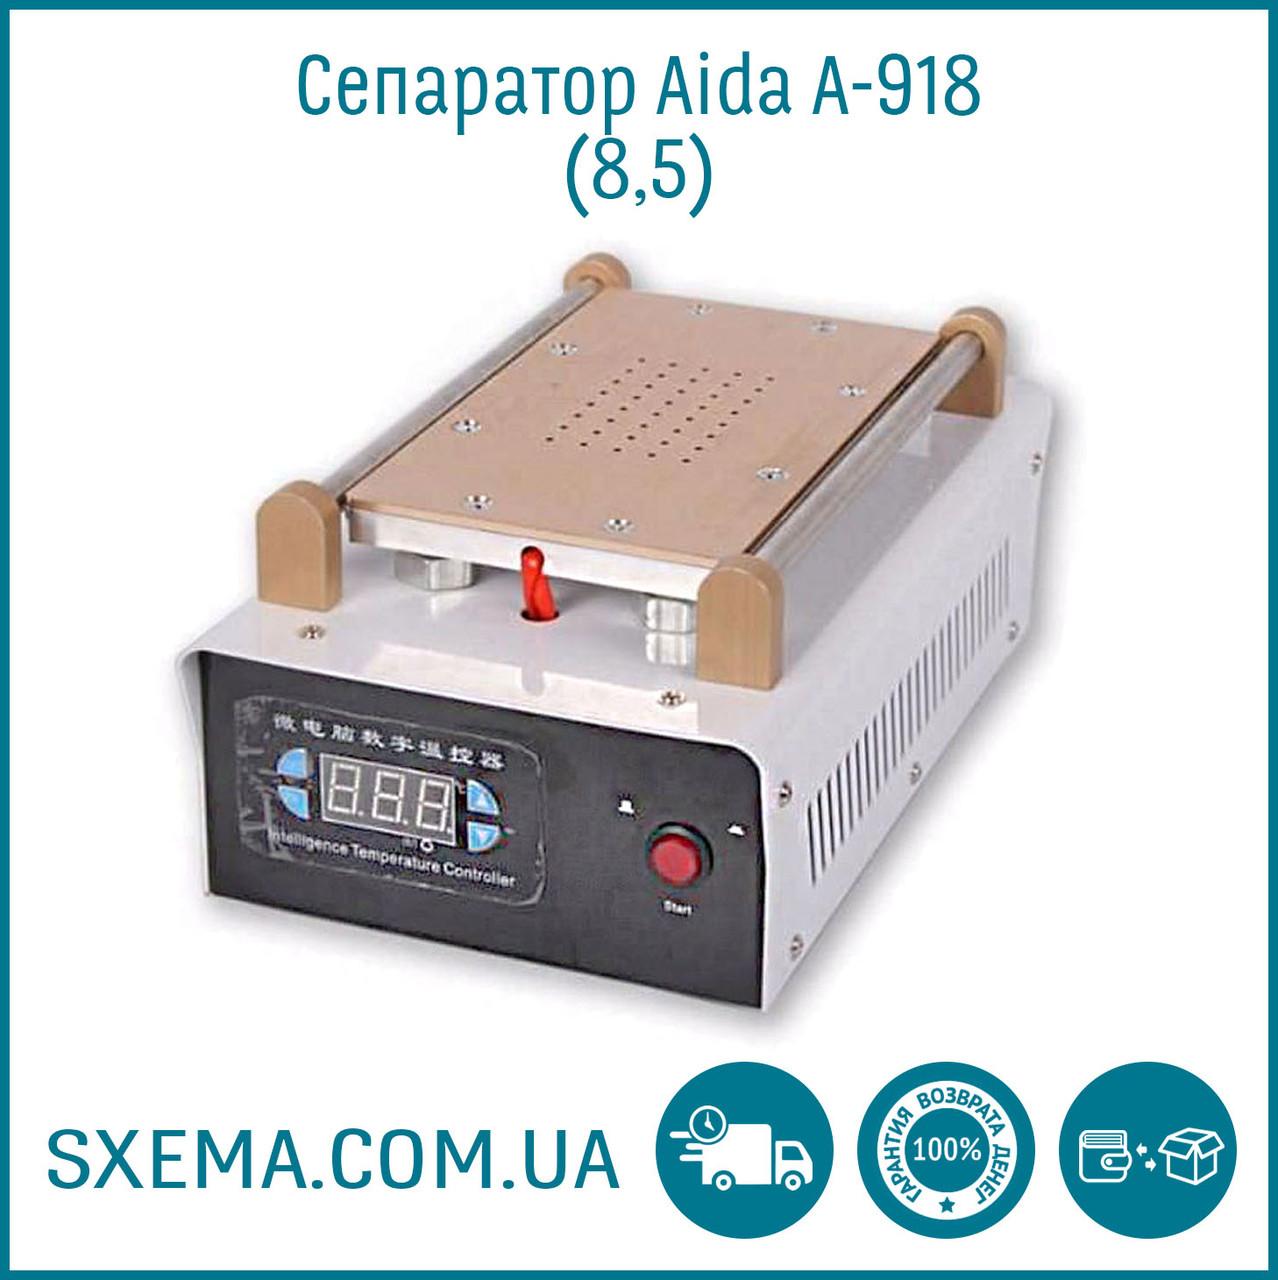 """Вакуумный сепаратор Aida A918 8.5"""" (19х11см) для дисплеев, для разделения модуля со встроенным компрессором"""